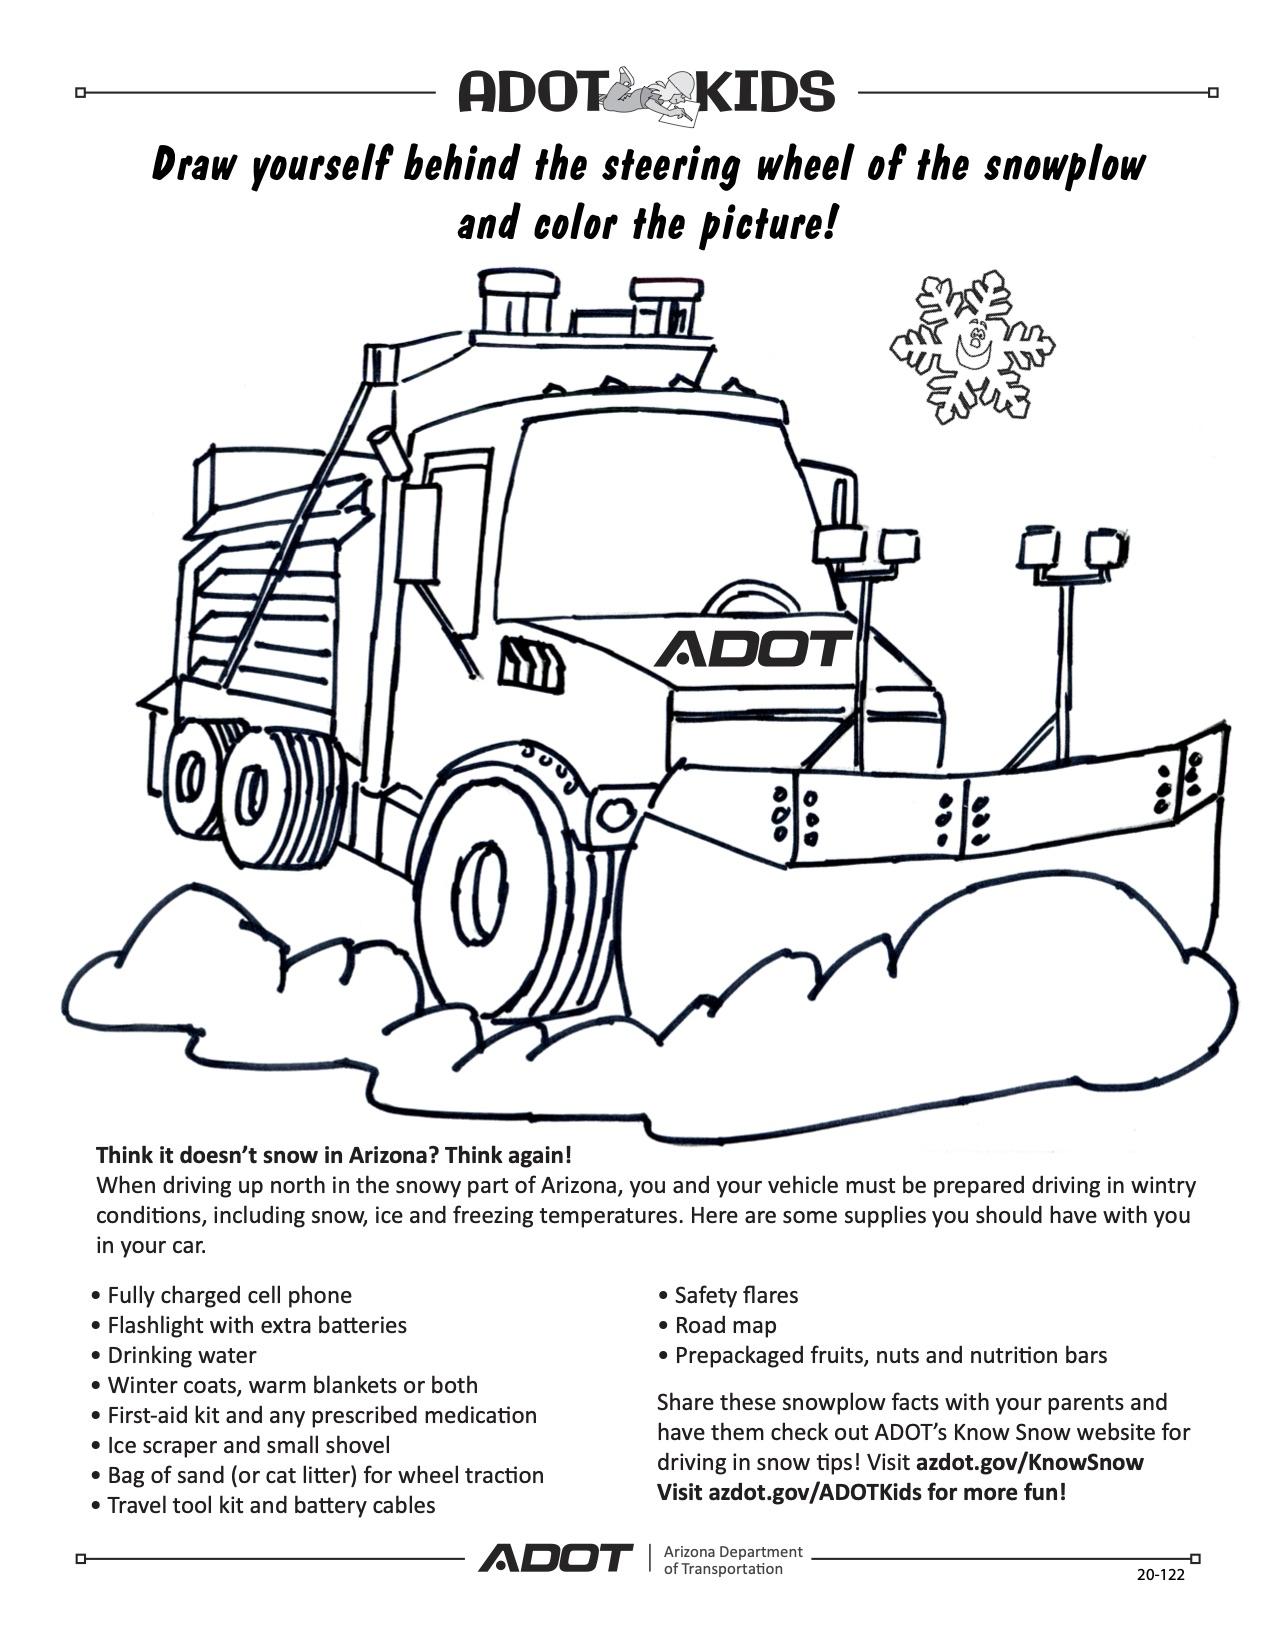 Coloring Sheet ADOT Kids snowplow